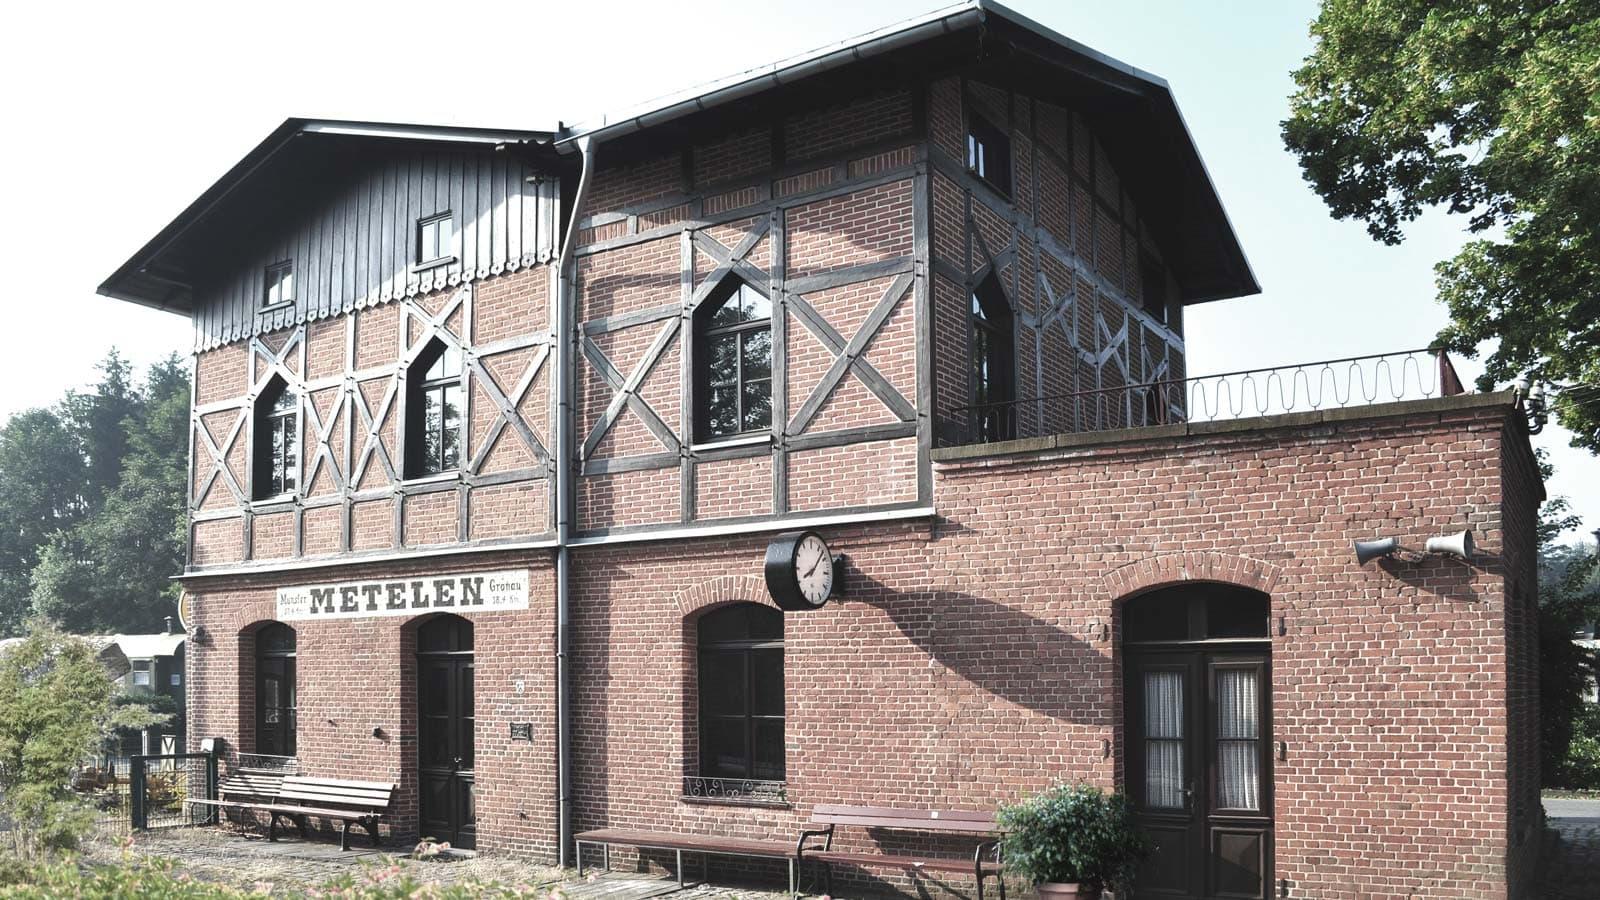 Fachwerksanierung Bahnhof in Metelen Land, Holtfrerich Architekten